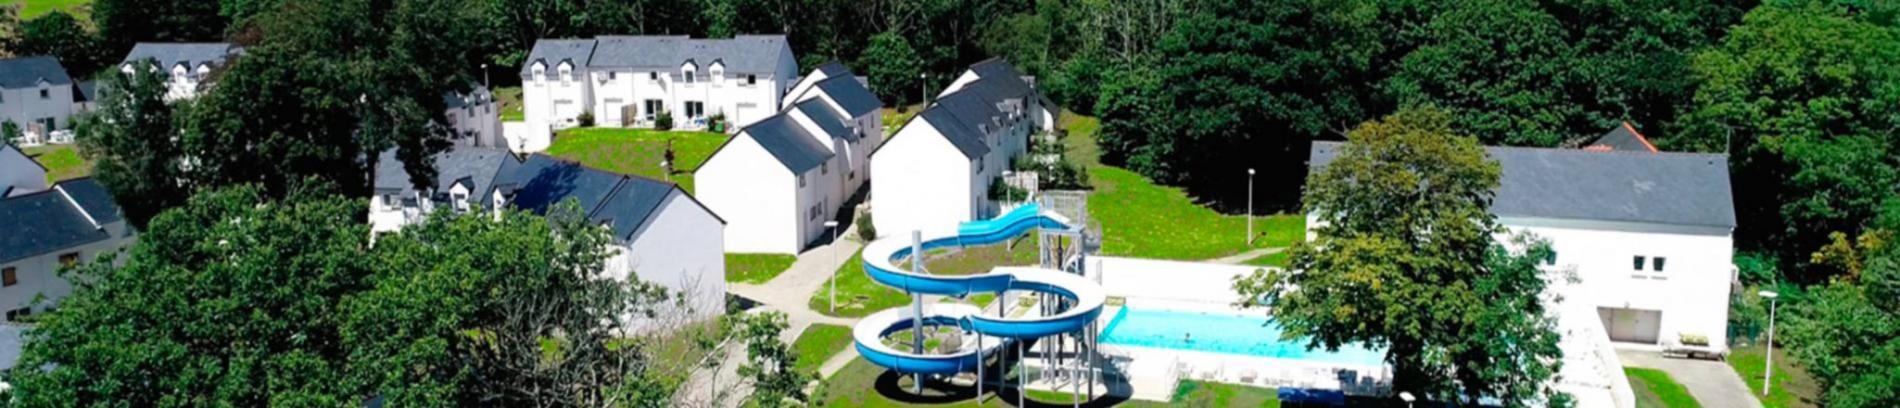 Slide vue aérienne de la résidence